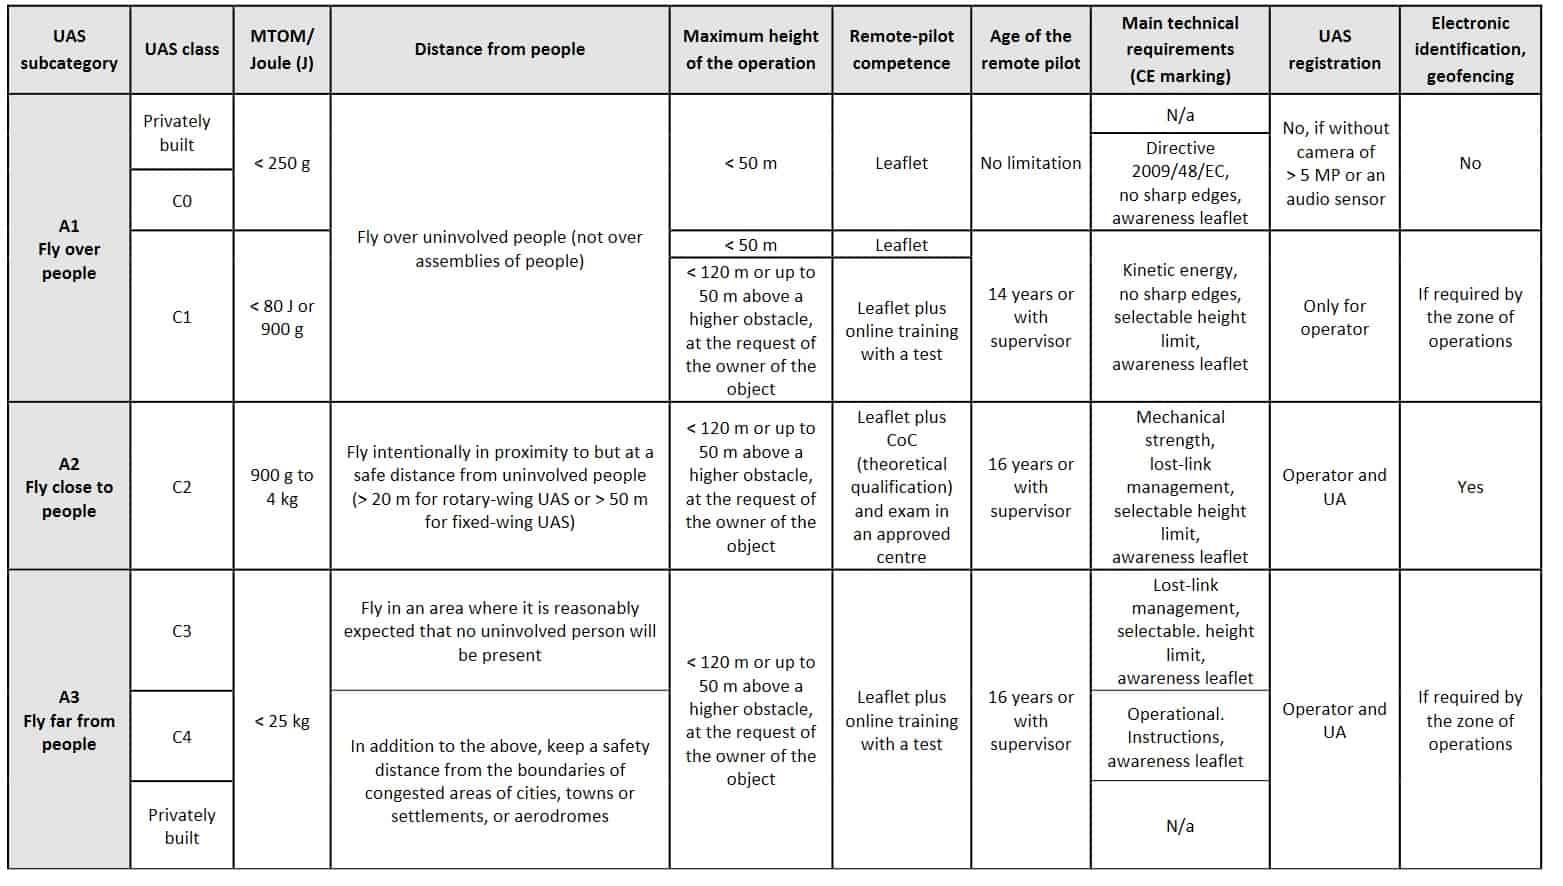 Regolamento europeo sui droni, easa droni, regolamento easa droni,